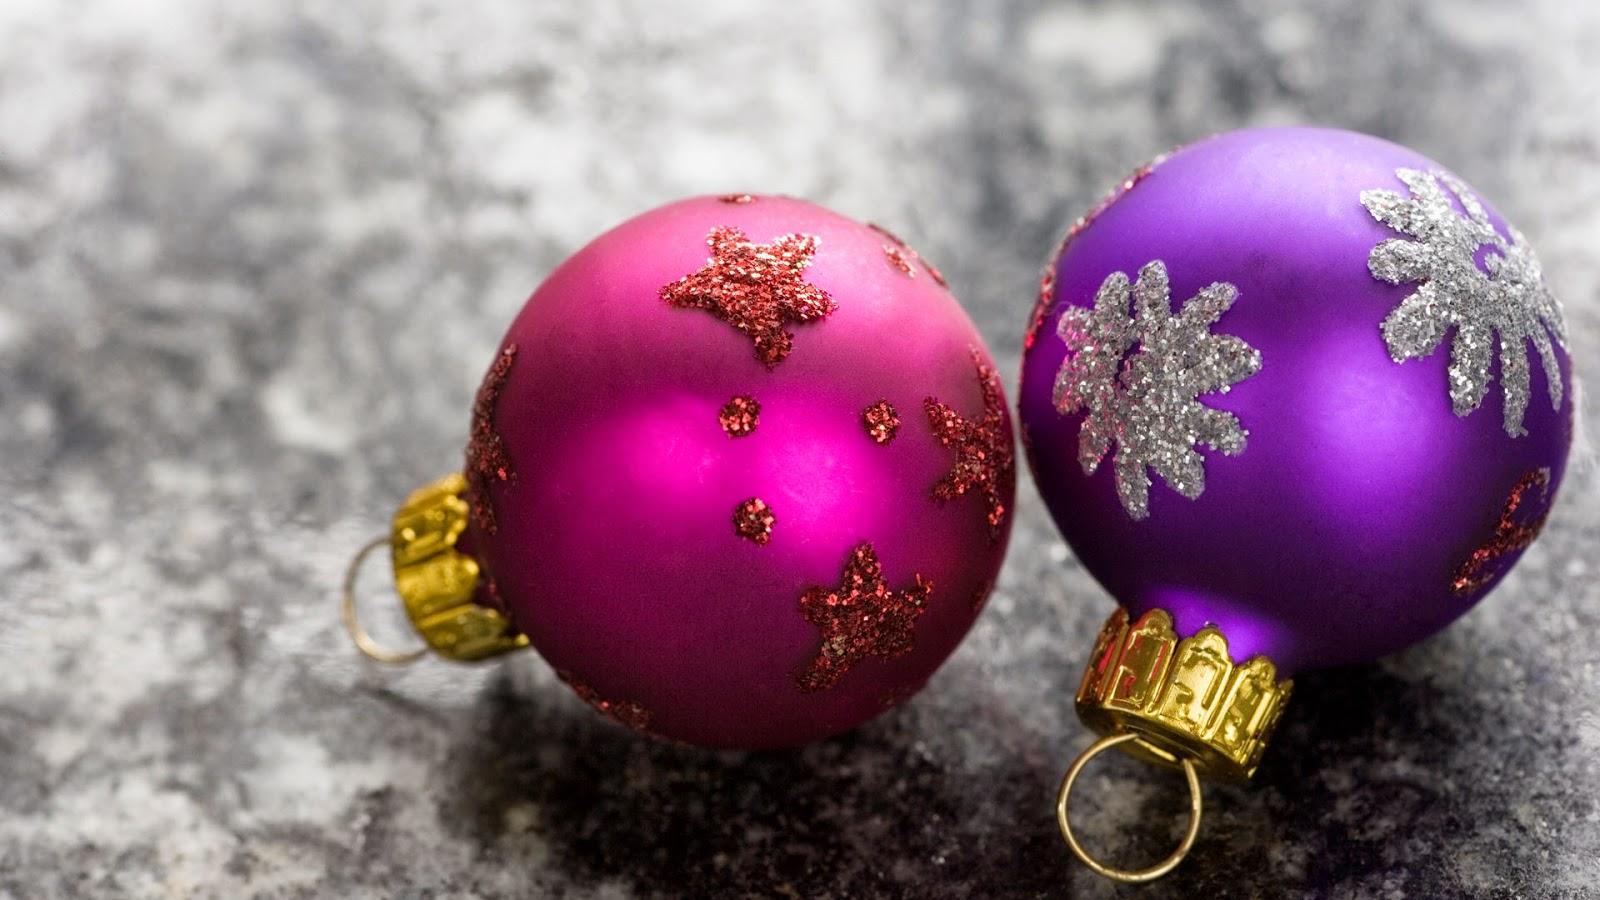 Imagenes y wallpapers fondo de pantalla navidad bolas moradas - Fotos de bolas de navidad ...